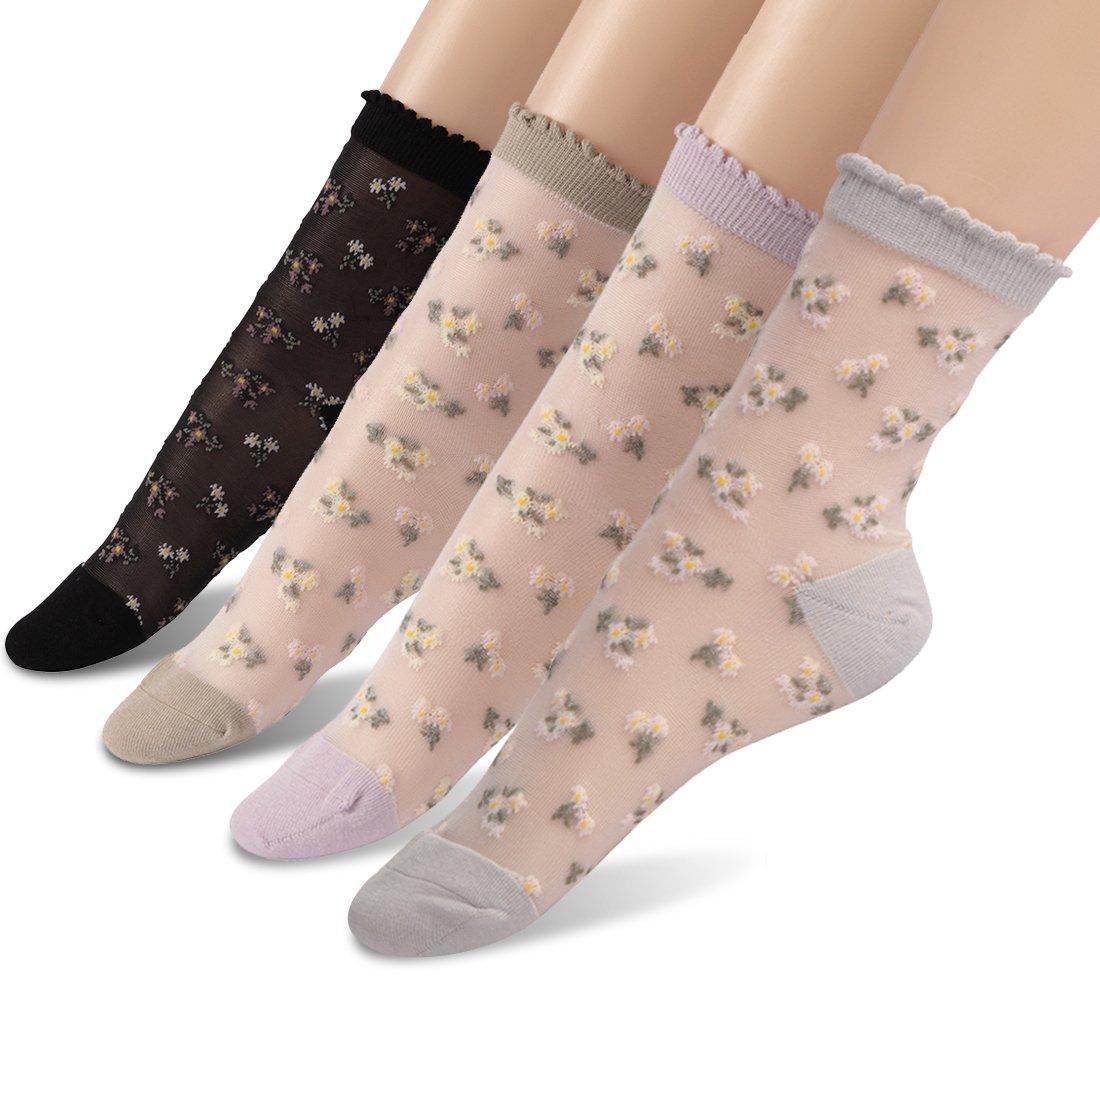 Transparent Ankle Socks, Socks Daze Women's Ultrathin Wedding Day Socks 4 Pairs